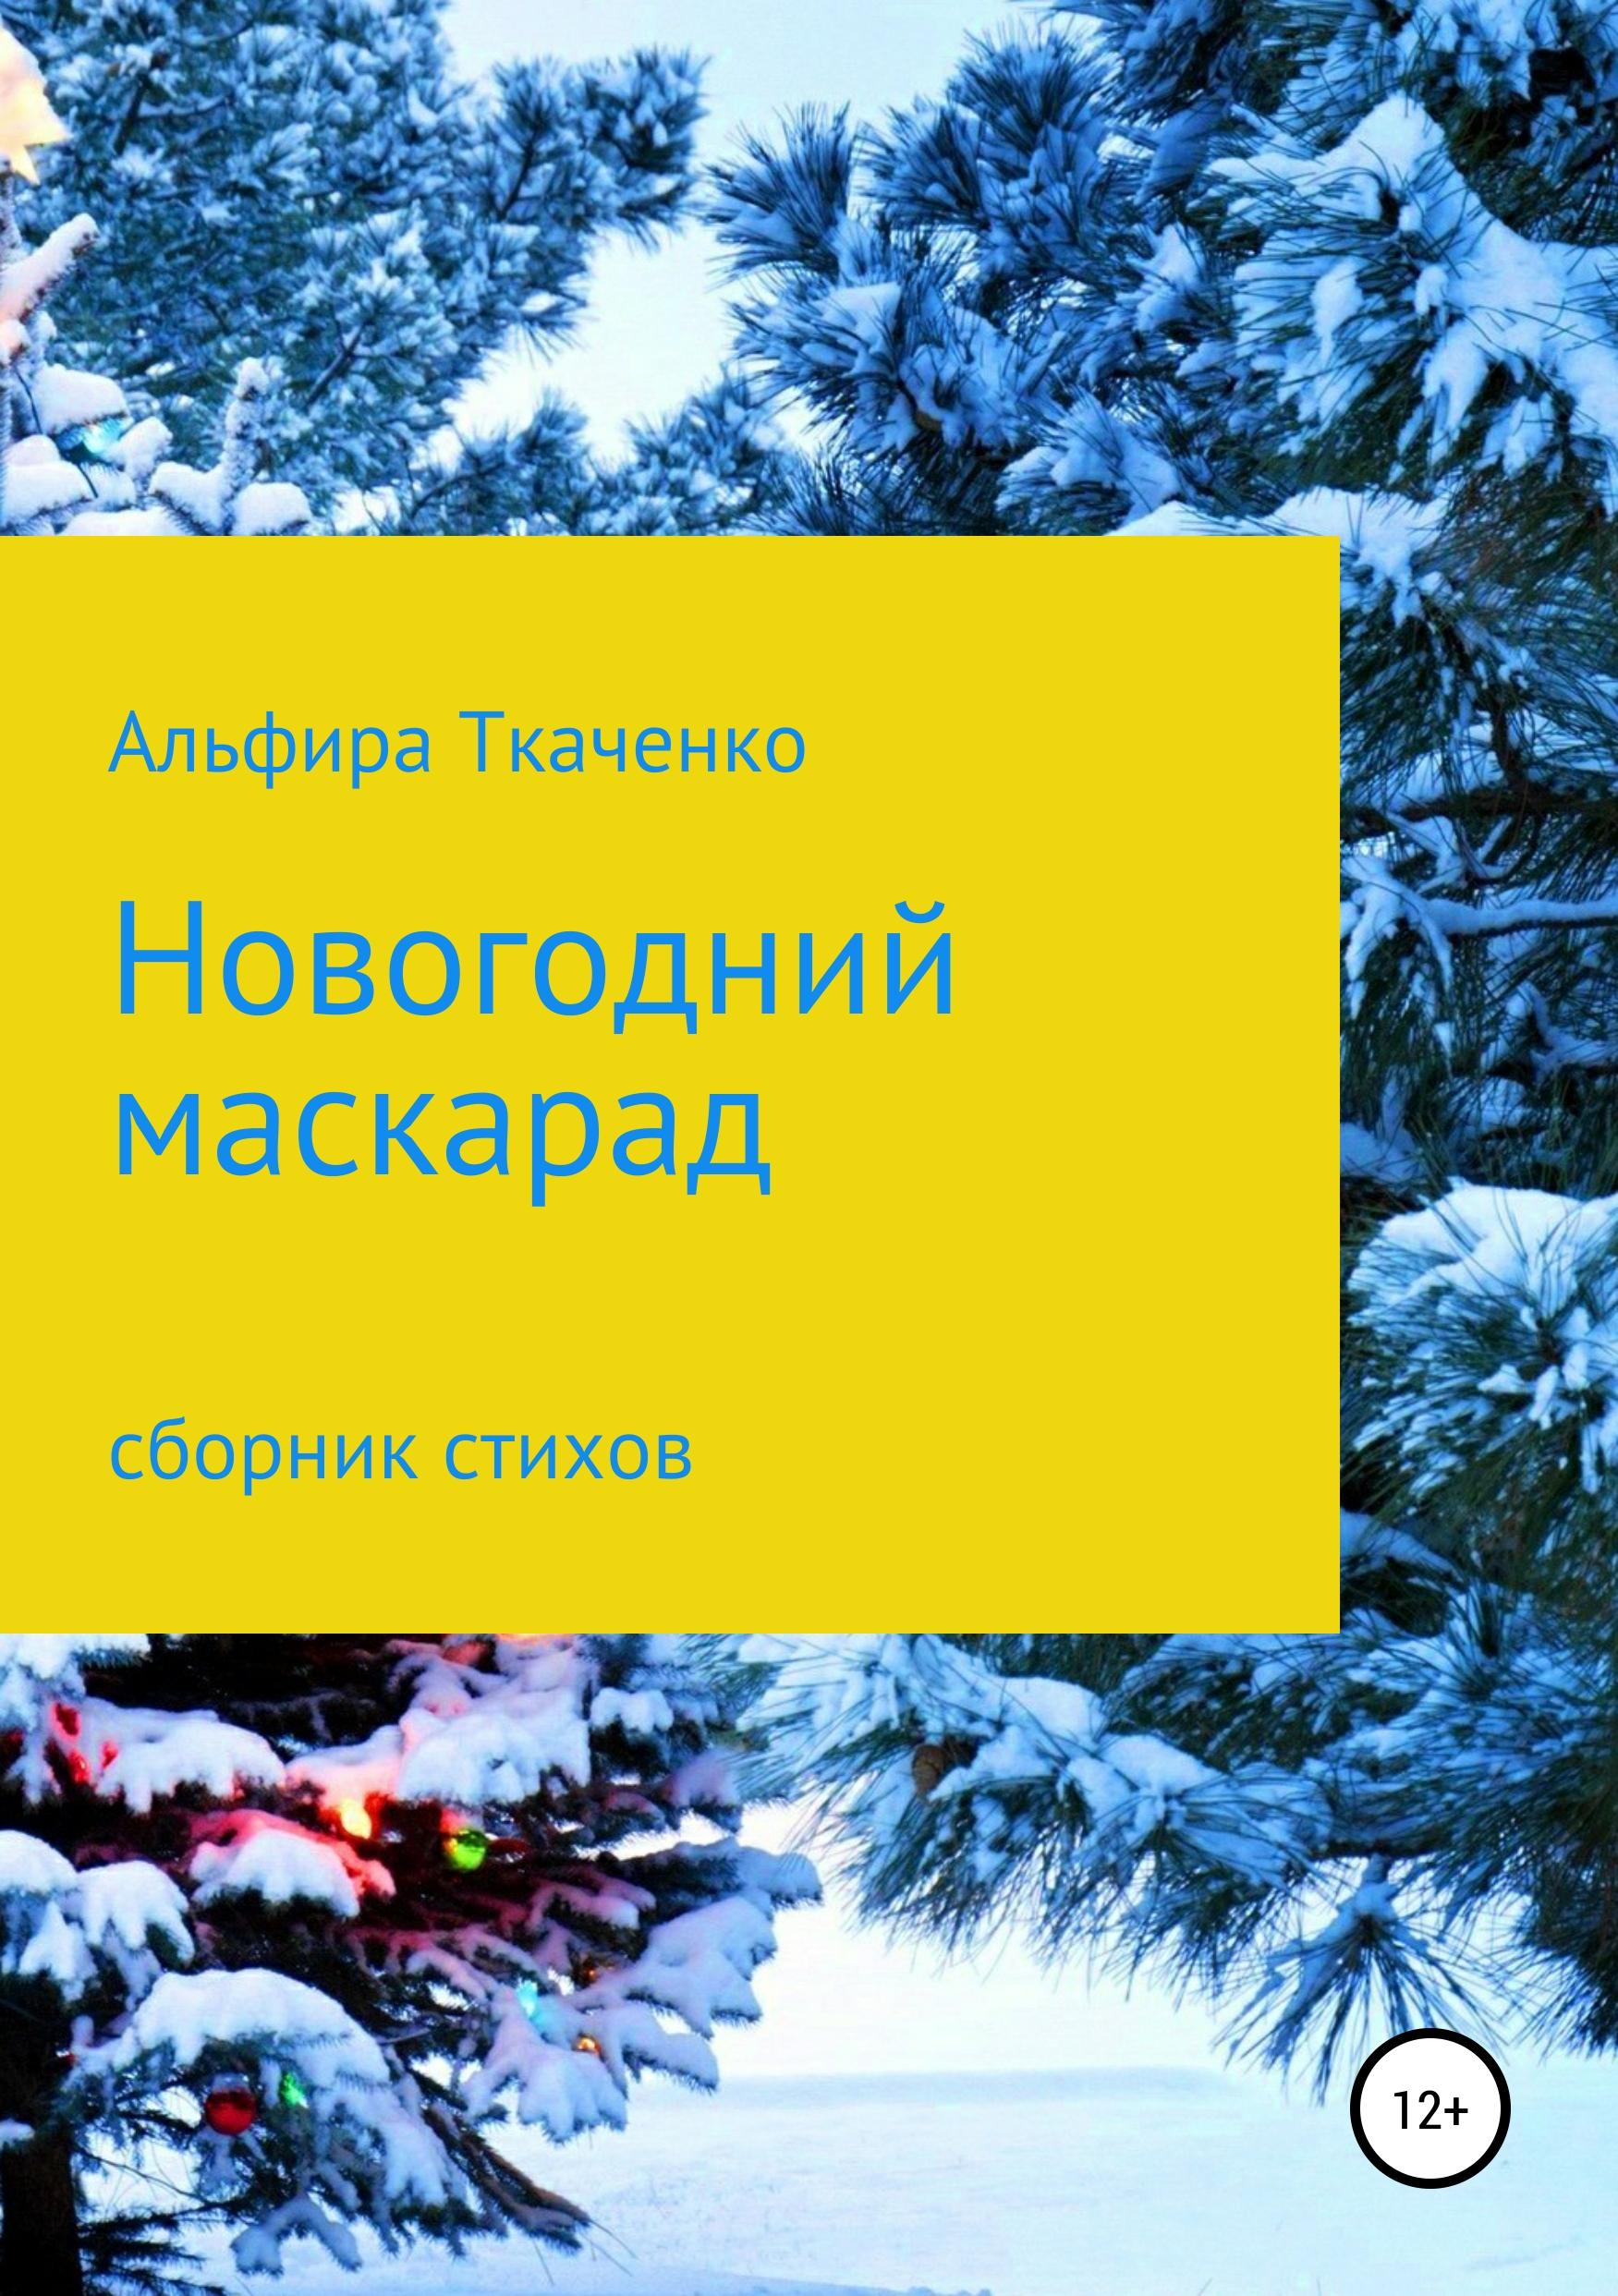 Альфира Федоровна Ткаченко Новогодний маскарад. Сборник стихотворений mizumi chain link compact